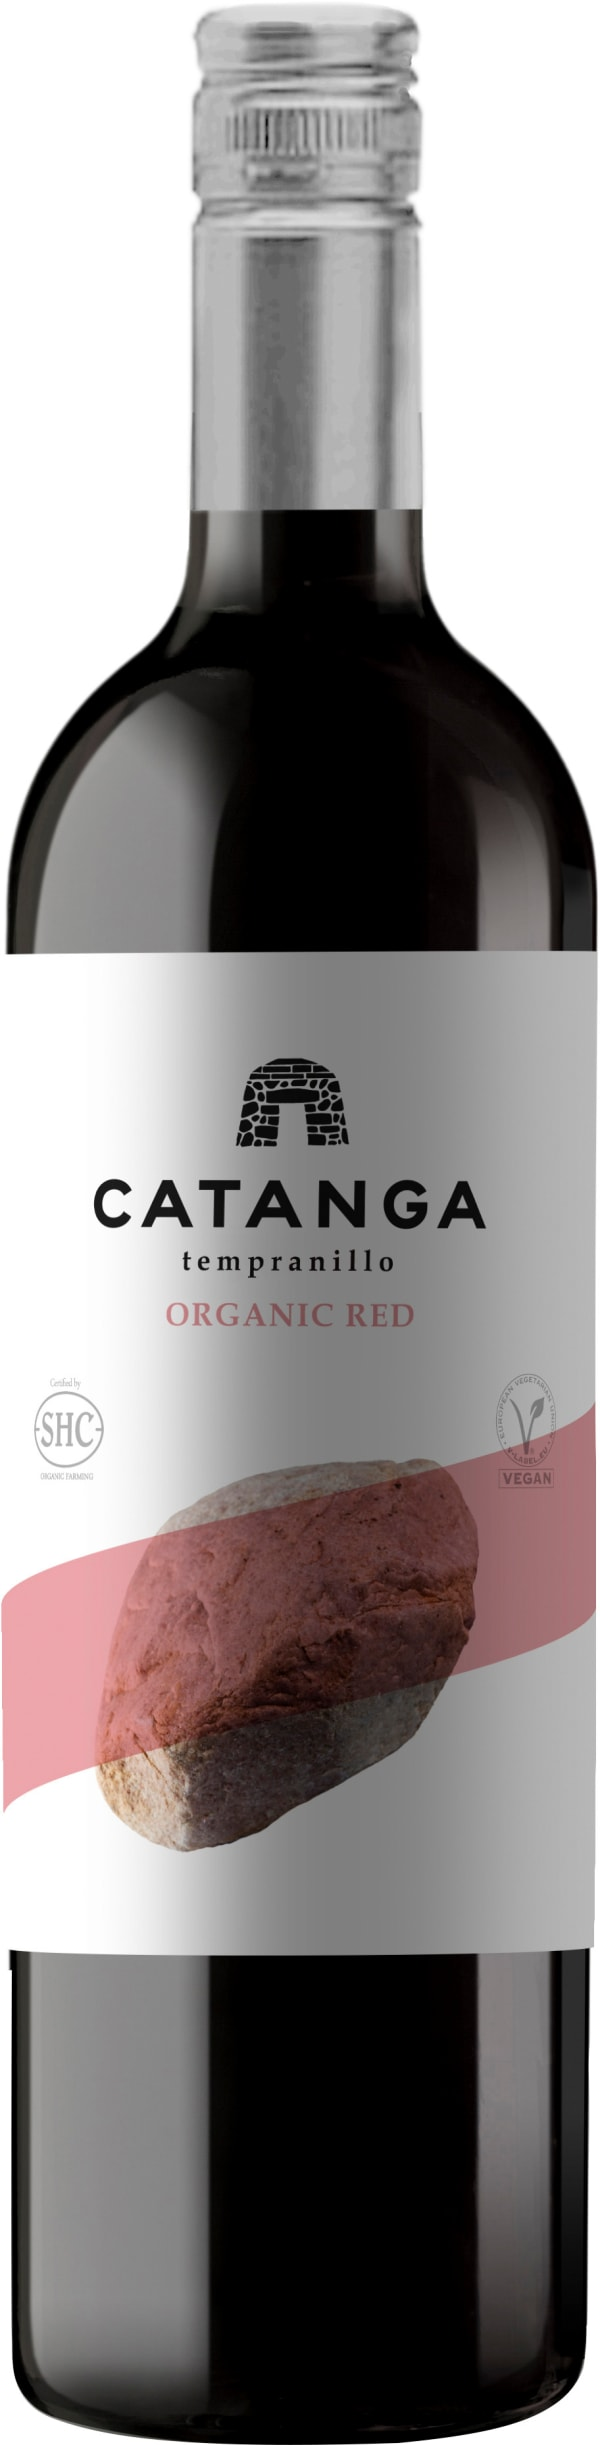 Catanga Organic Red